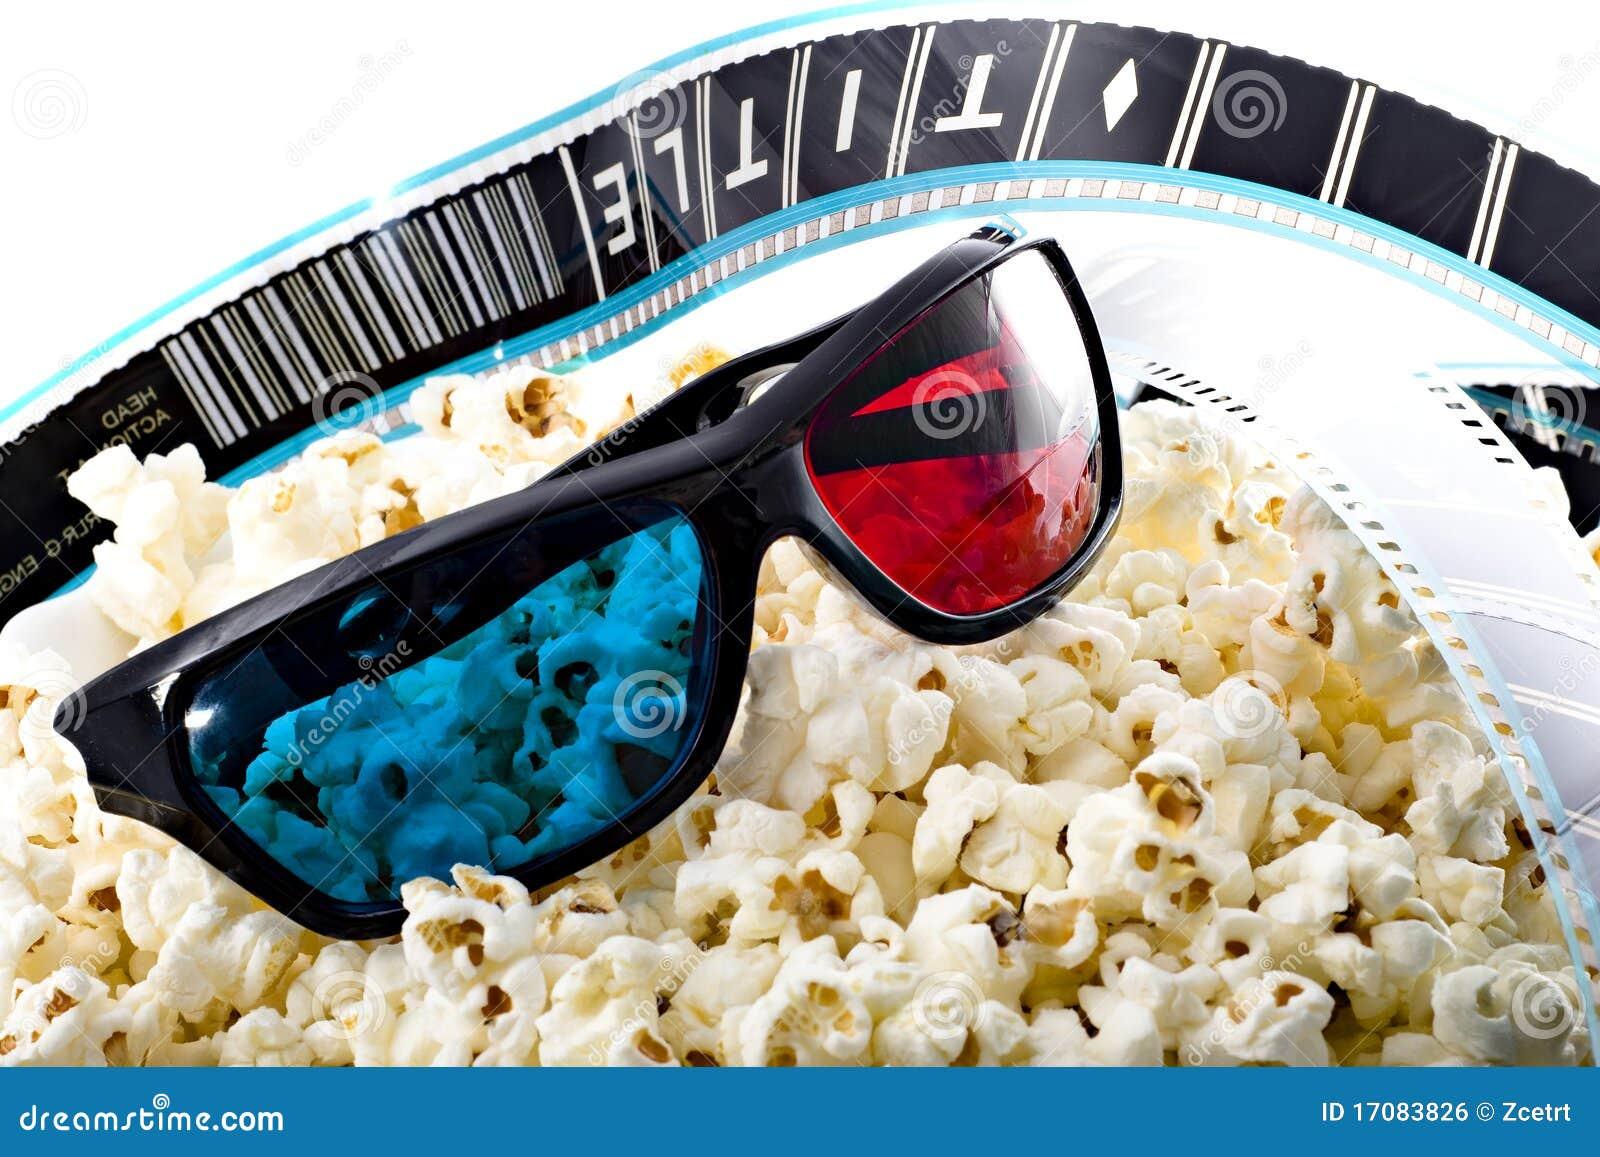 3-D Gläser auf Popcornhaufen mit Filmstreifen